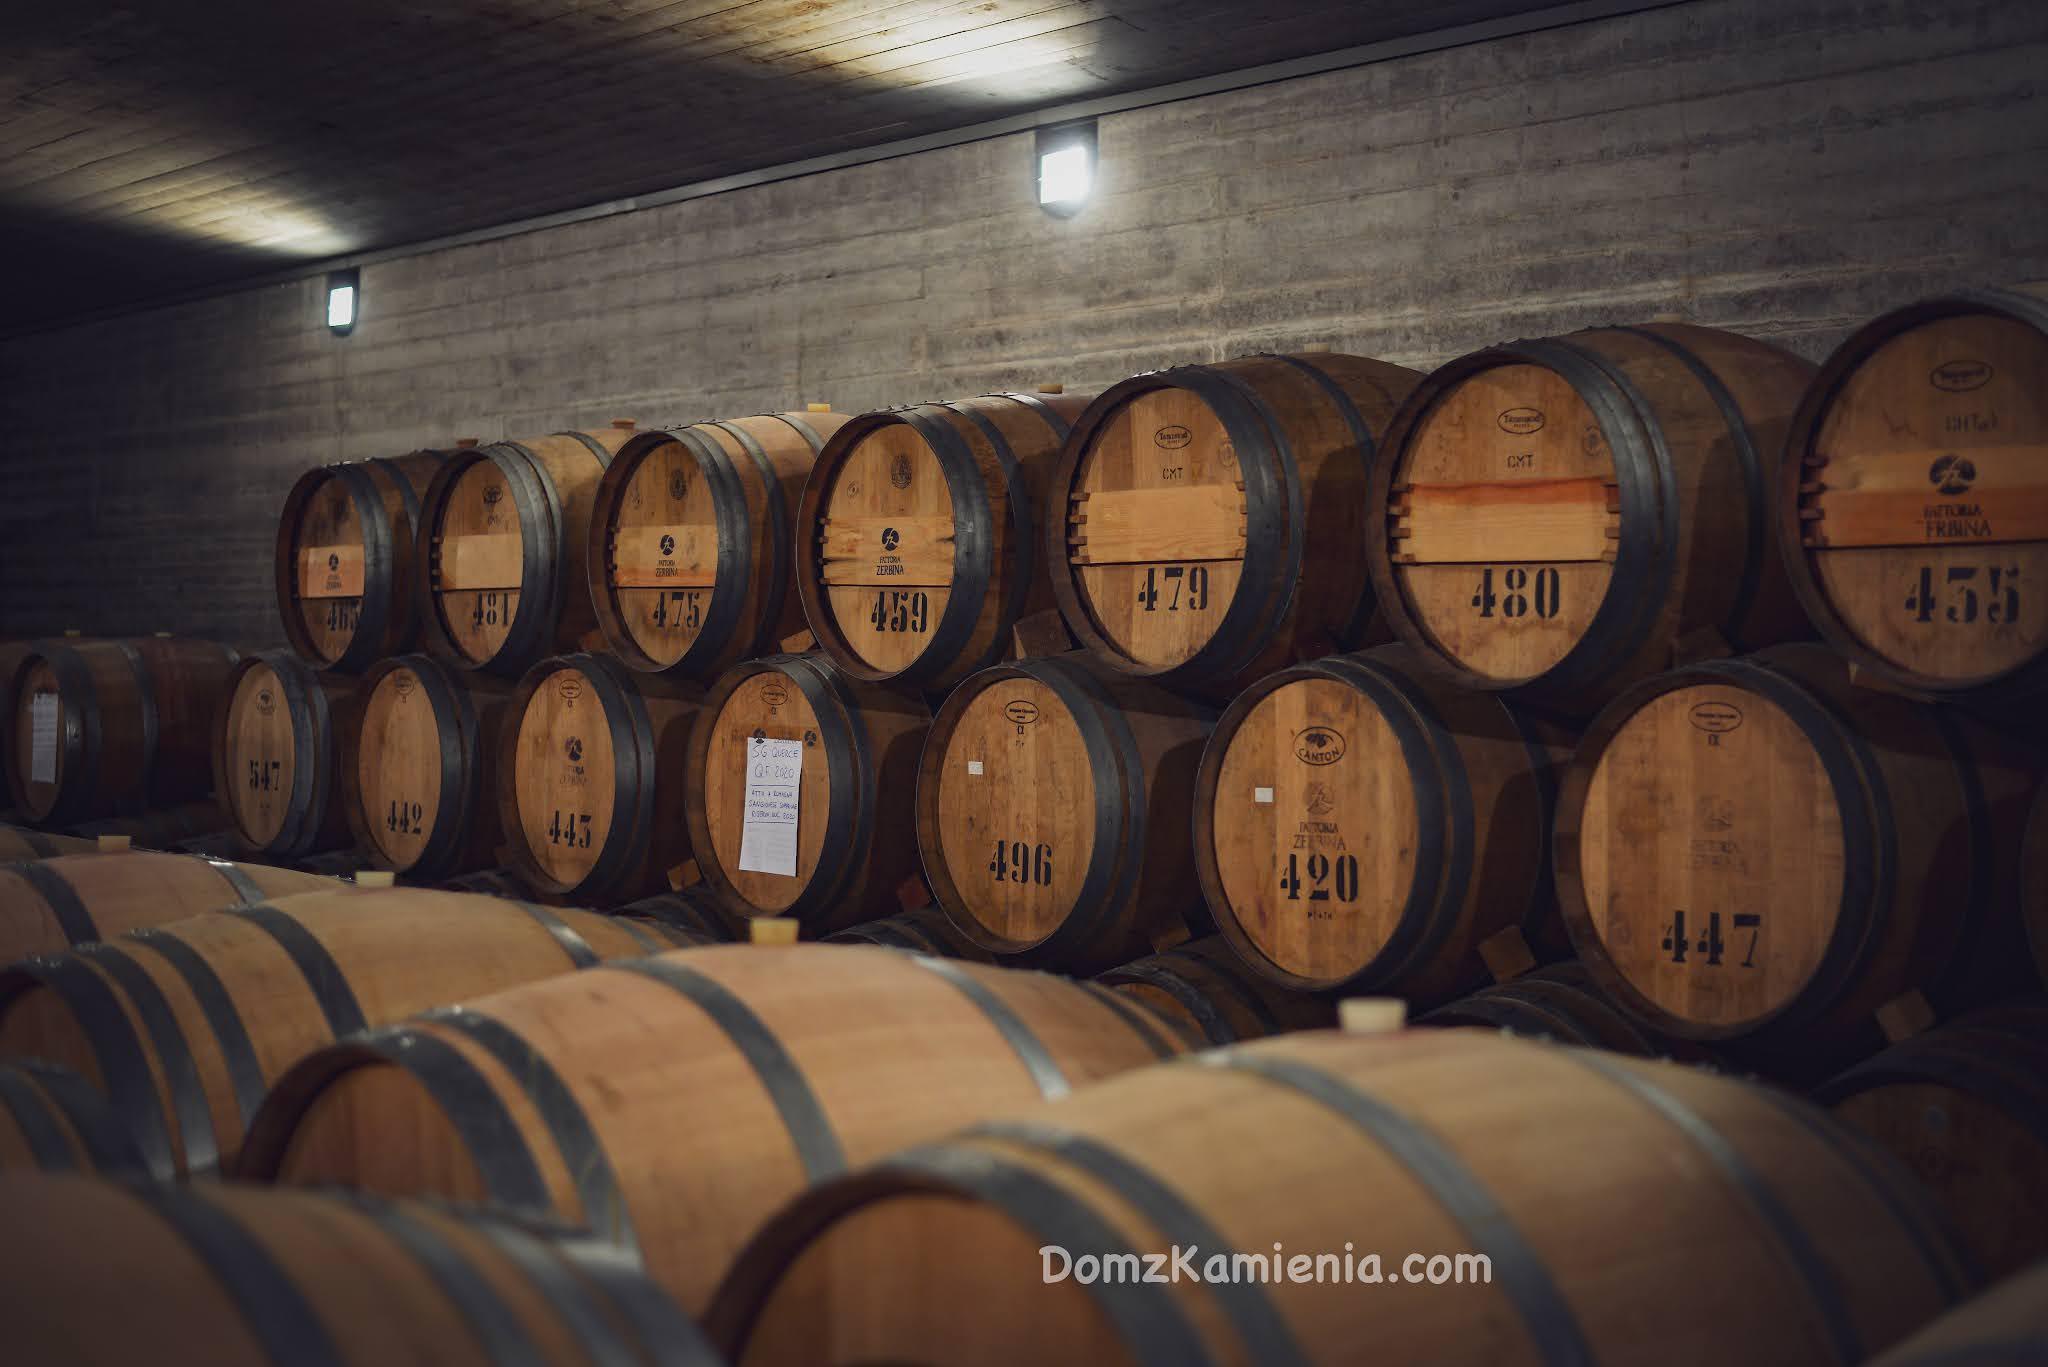 Degustacja w winnicy - Dom z Kamienia, Zerbina Marzeno